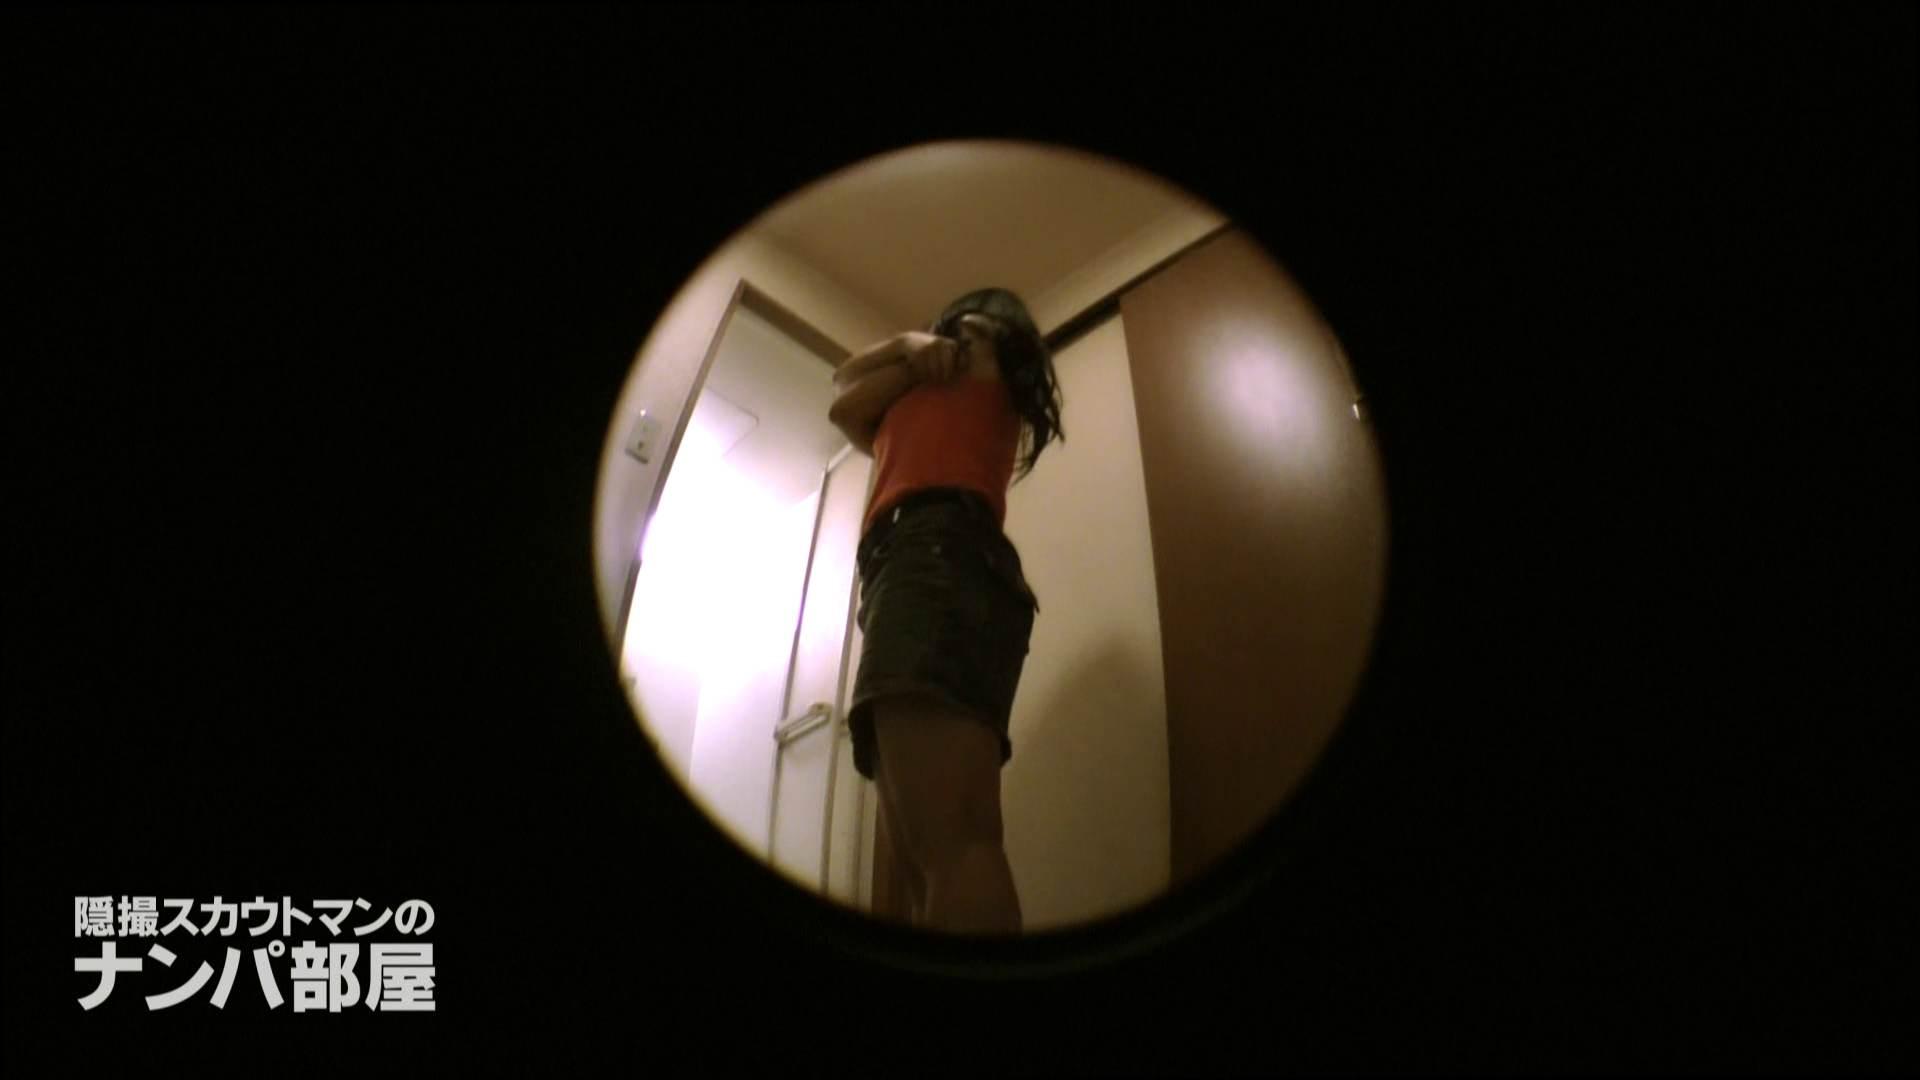 隠撮スカウトマンのナンパ部屋~風俗デビュー前のつまみ食い~hana 隠撮 | 脱衣所  110pic